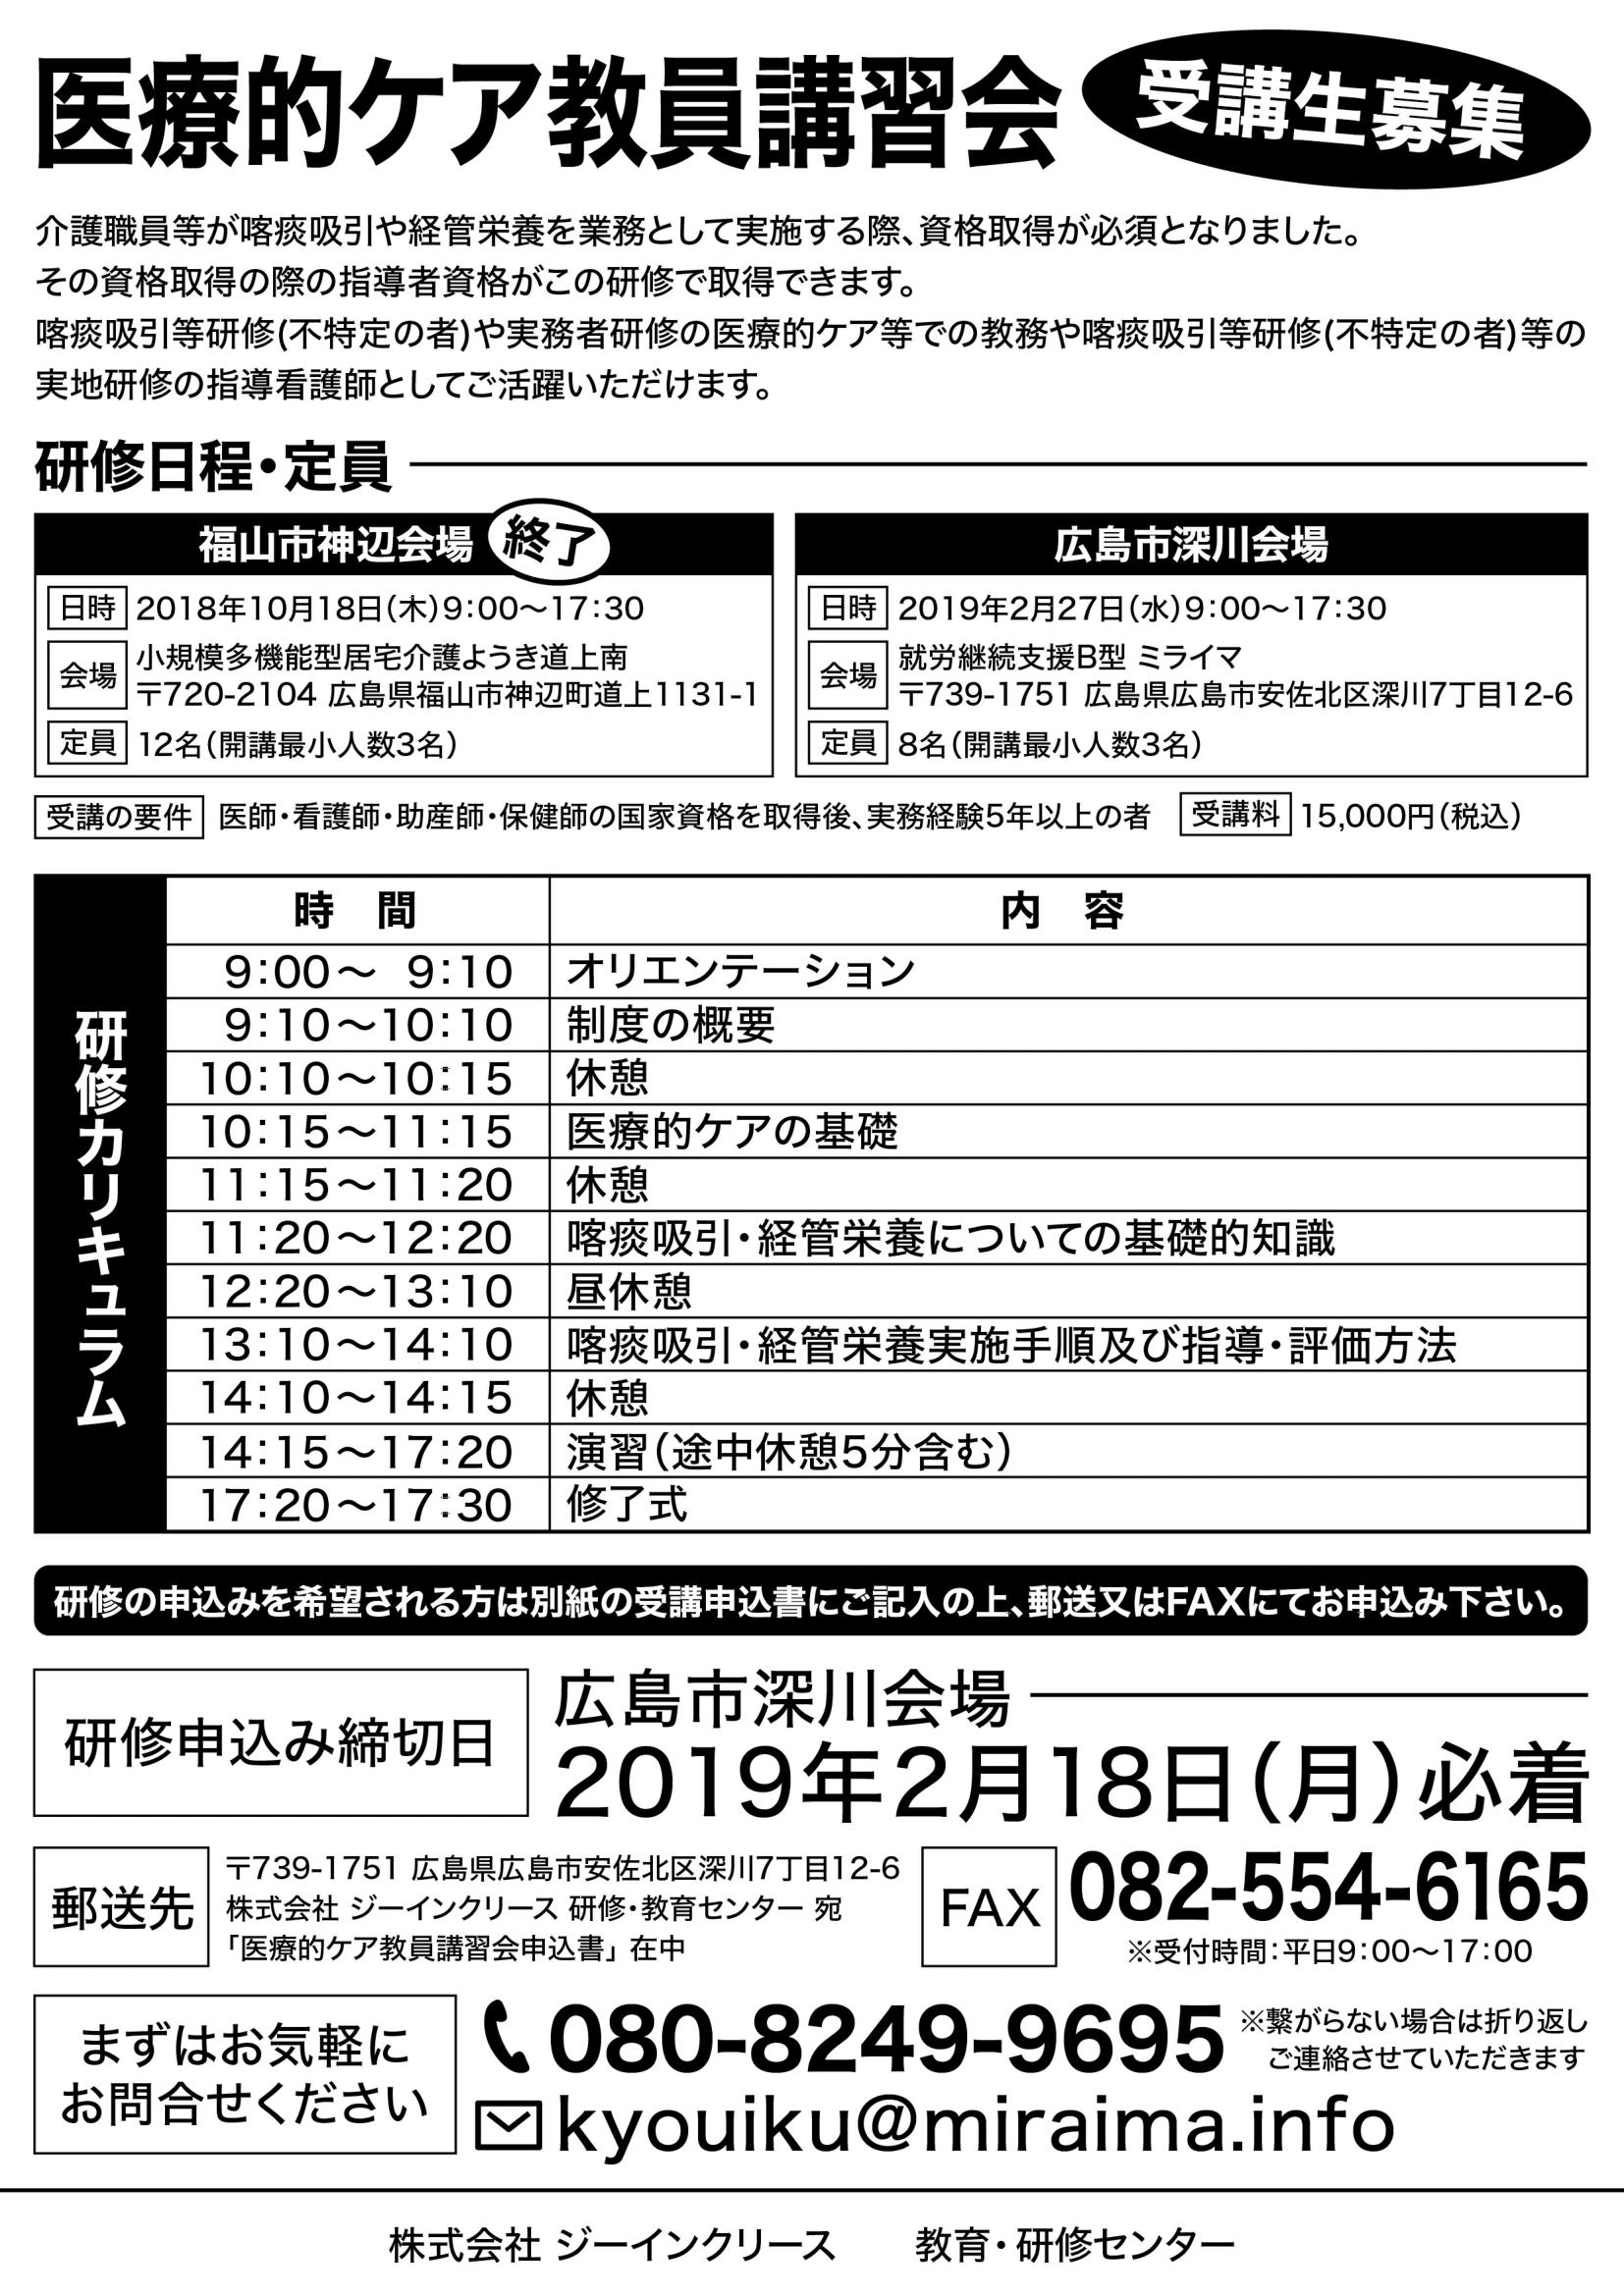 医療的ケア教員講習会 受講生募集(2/18締切)